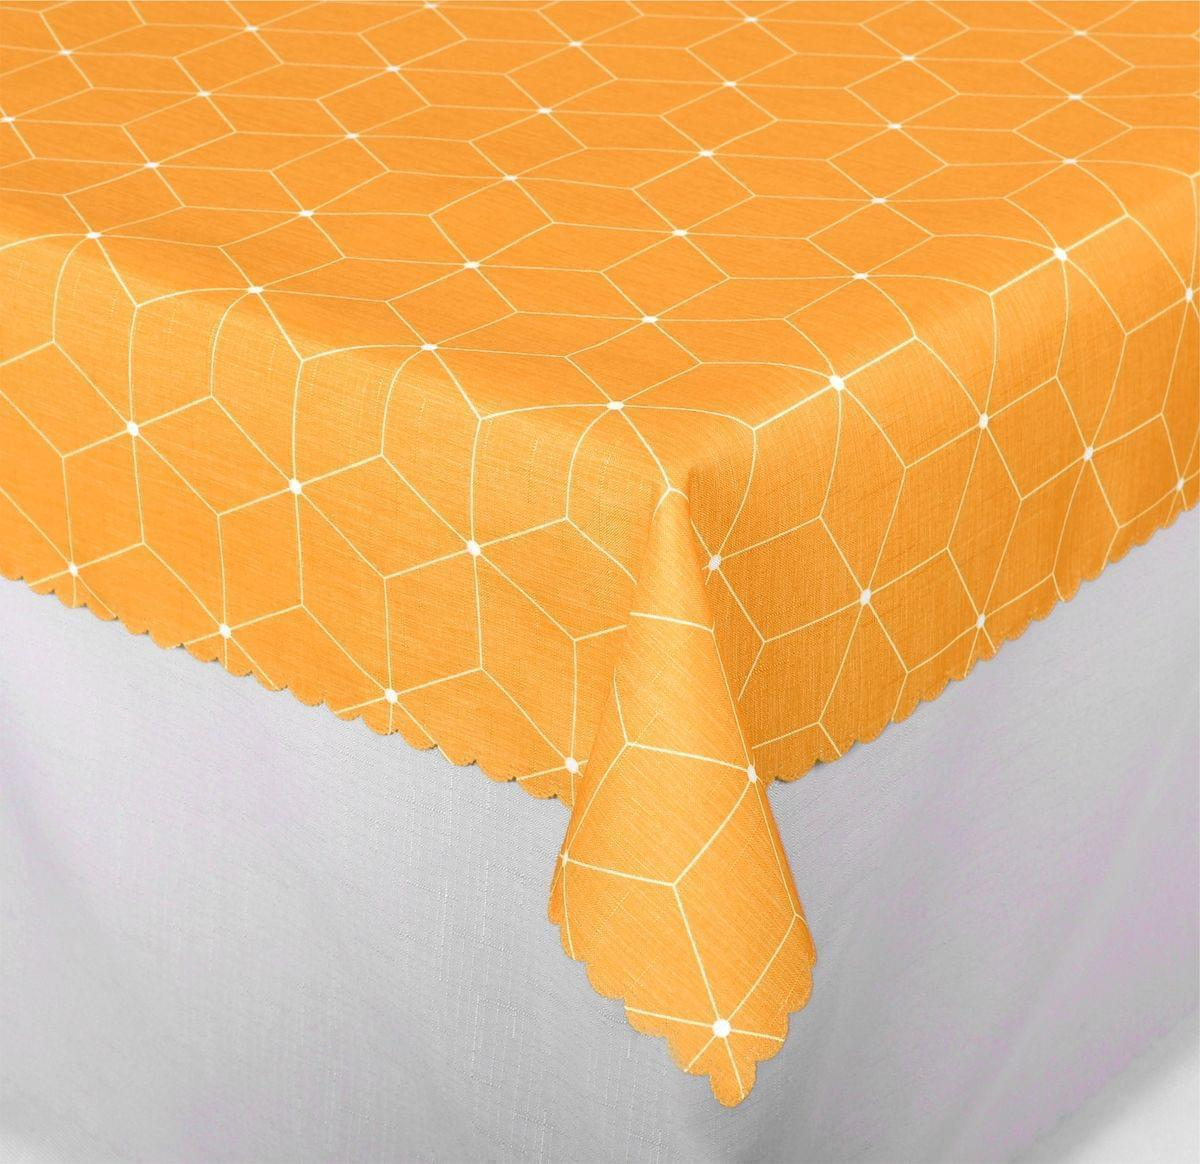 Forbyt, Ubrus s nešpinivou úpravou, Aneta, oranžový 120 x 155 cm